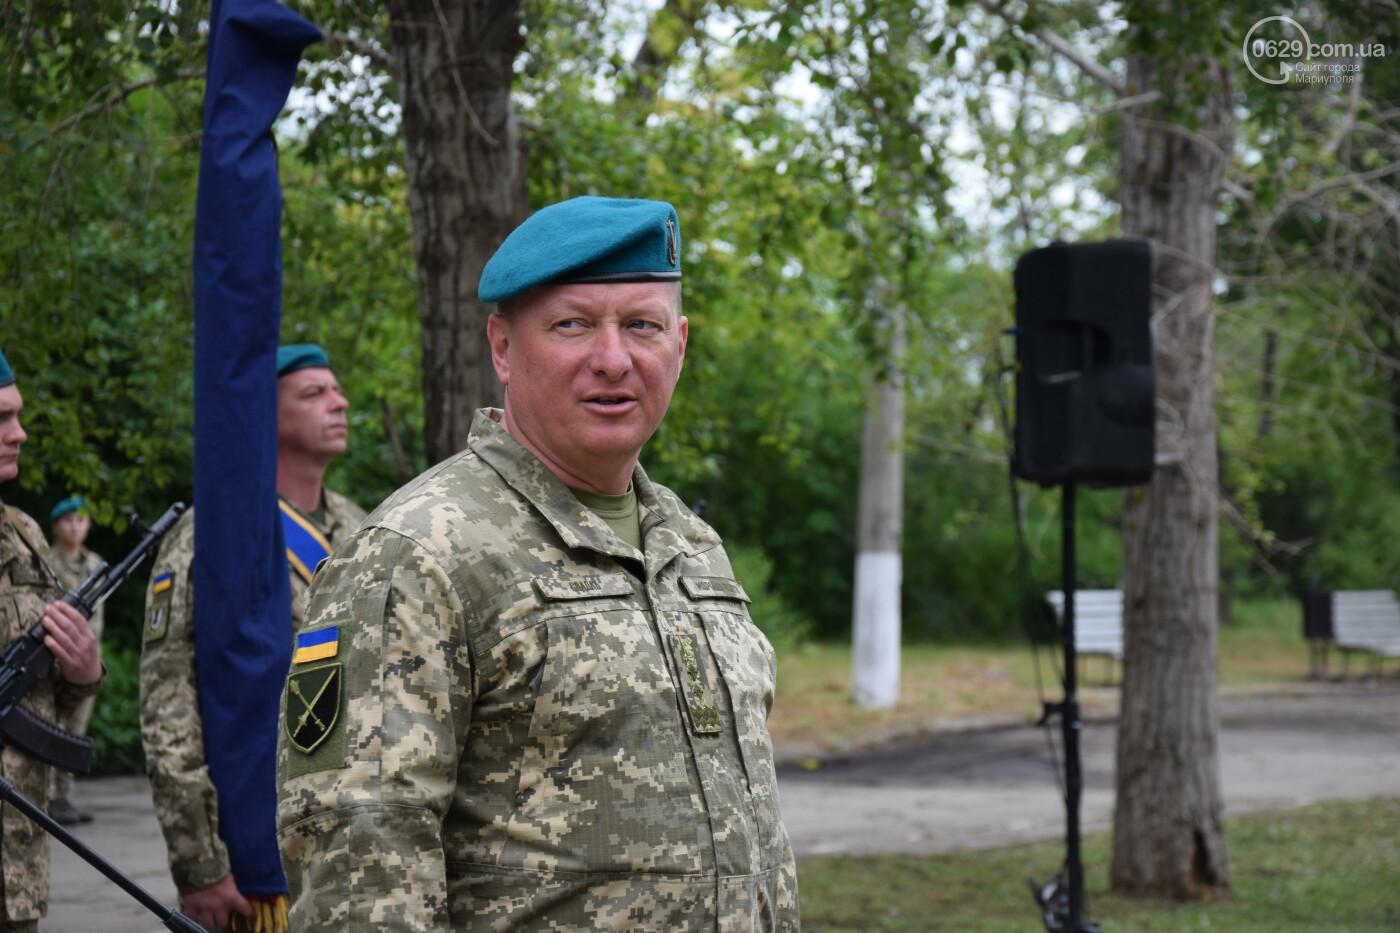 В Мариуполе морпехи присягнули на верность Украине и получили боевое знамя, - ФОТОРЕПОРТАЖ, фото-6